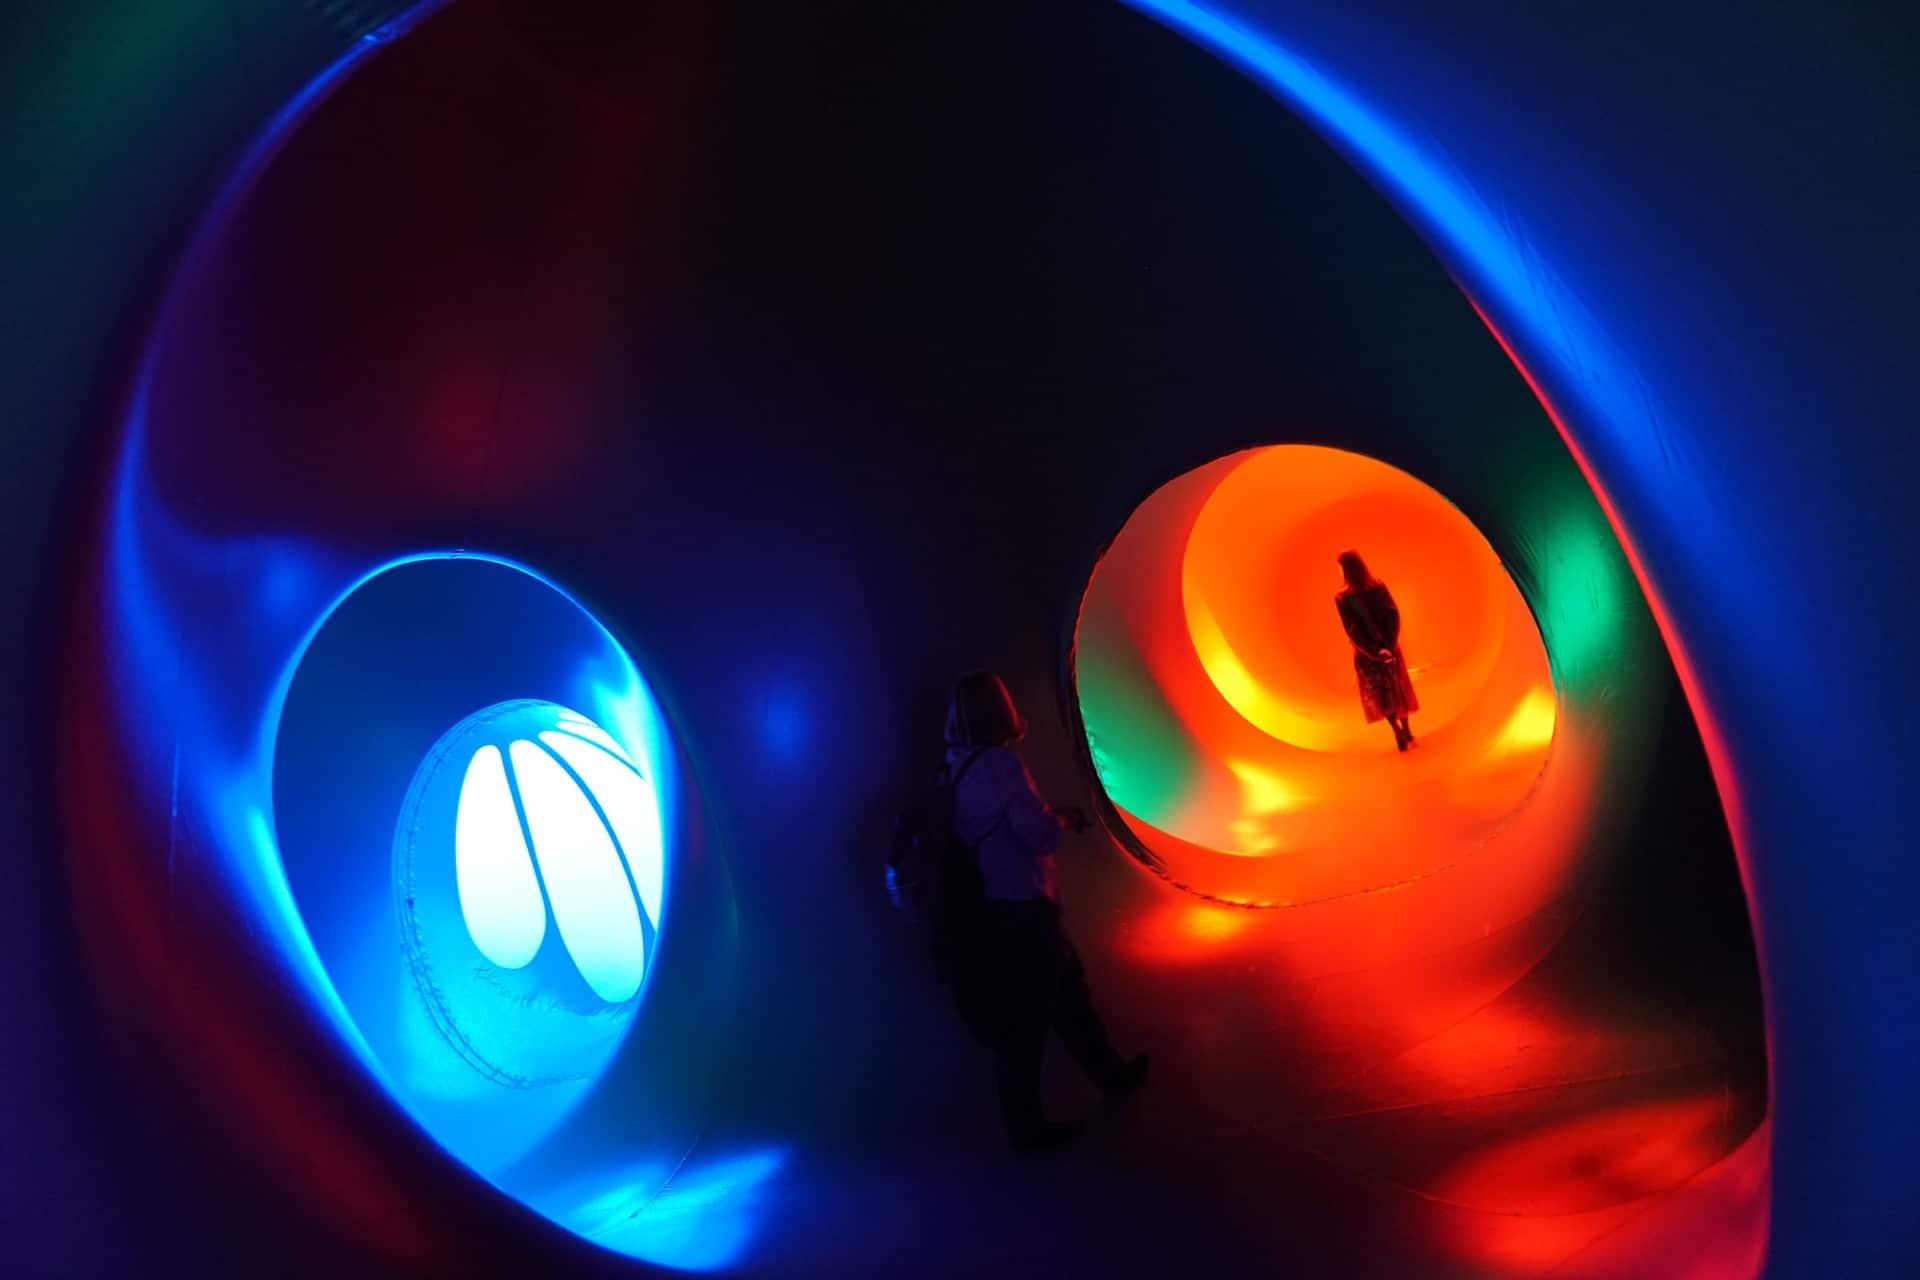 Opblaasbaar labyrint vol licht en kleur